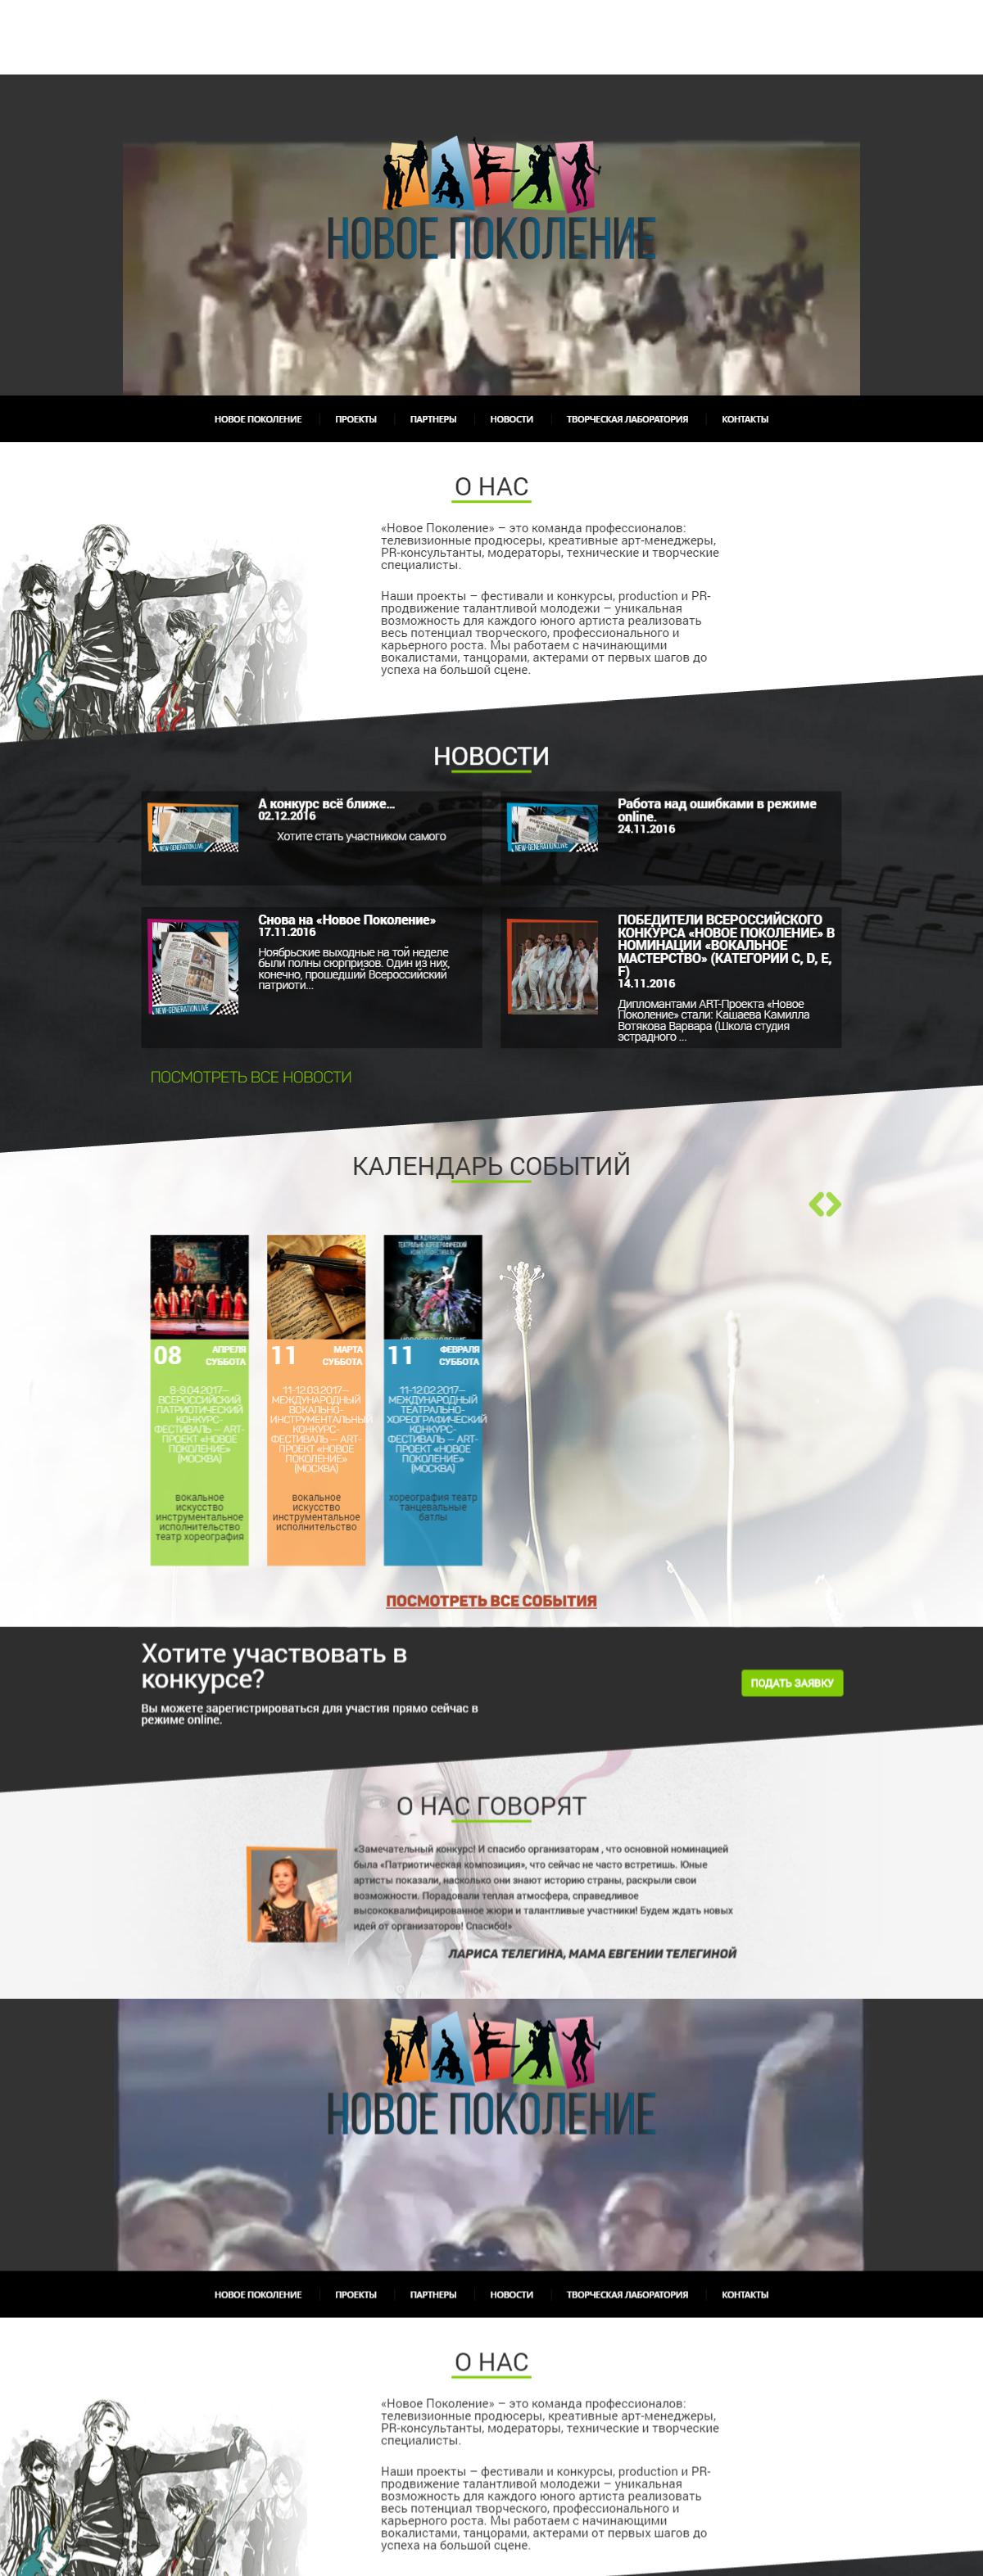 """Сайт визитка - """"Новое Поколение"""" PR-продвижение талантливой молодежи"""